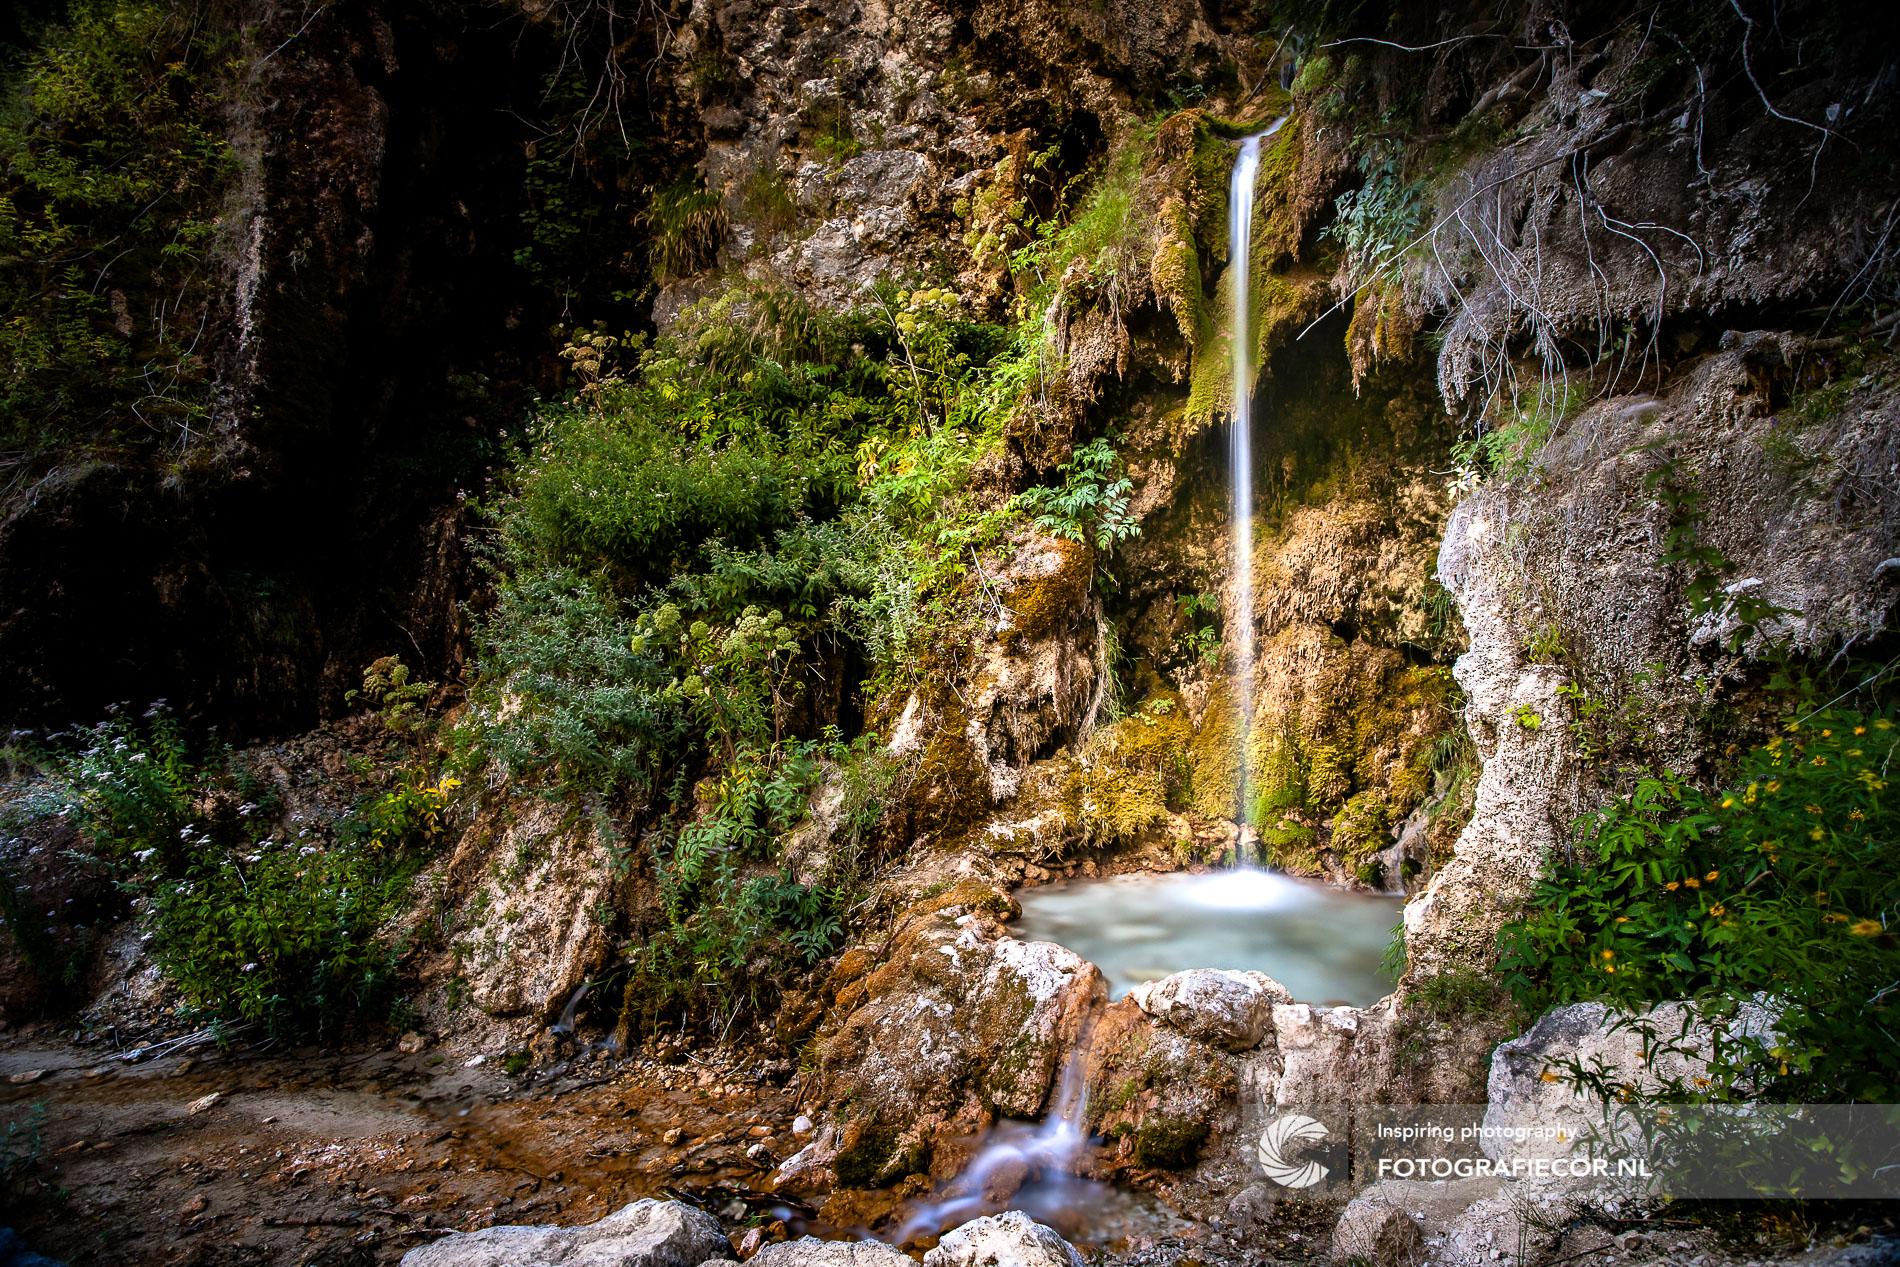 handmatig fotograferen | sluiterijd | waterval | Landschapsfotografie